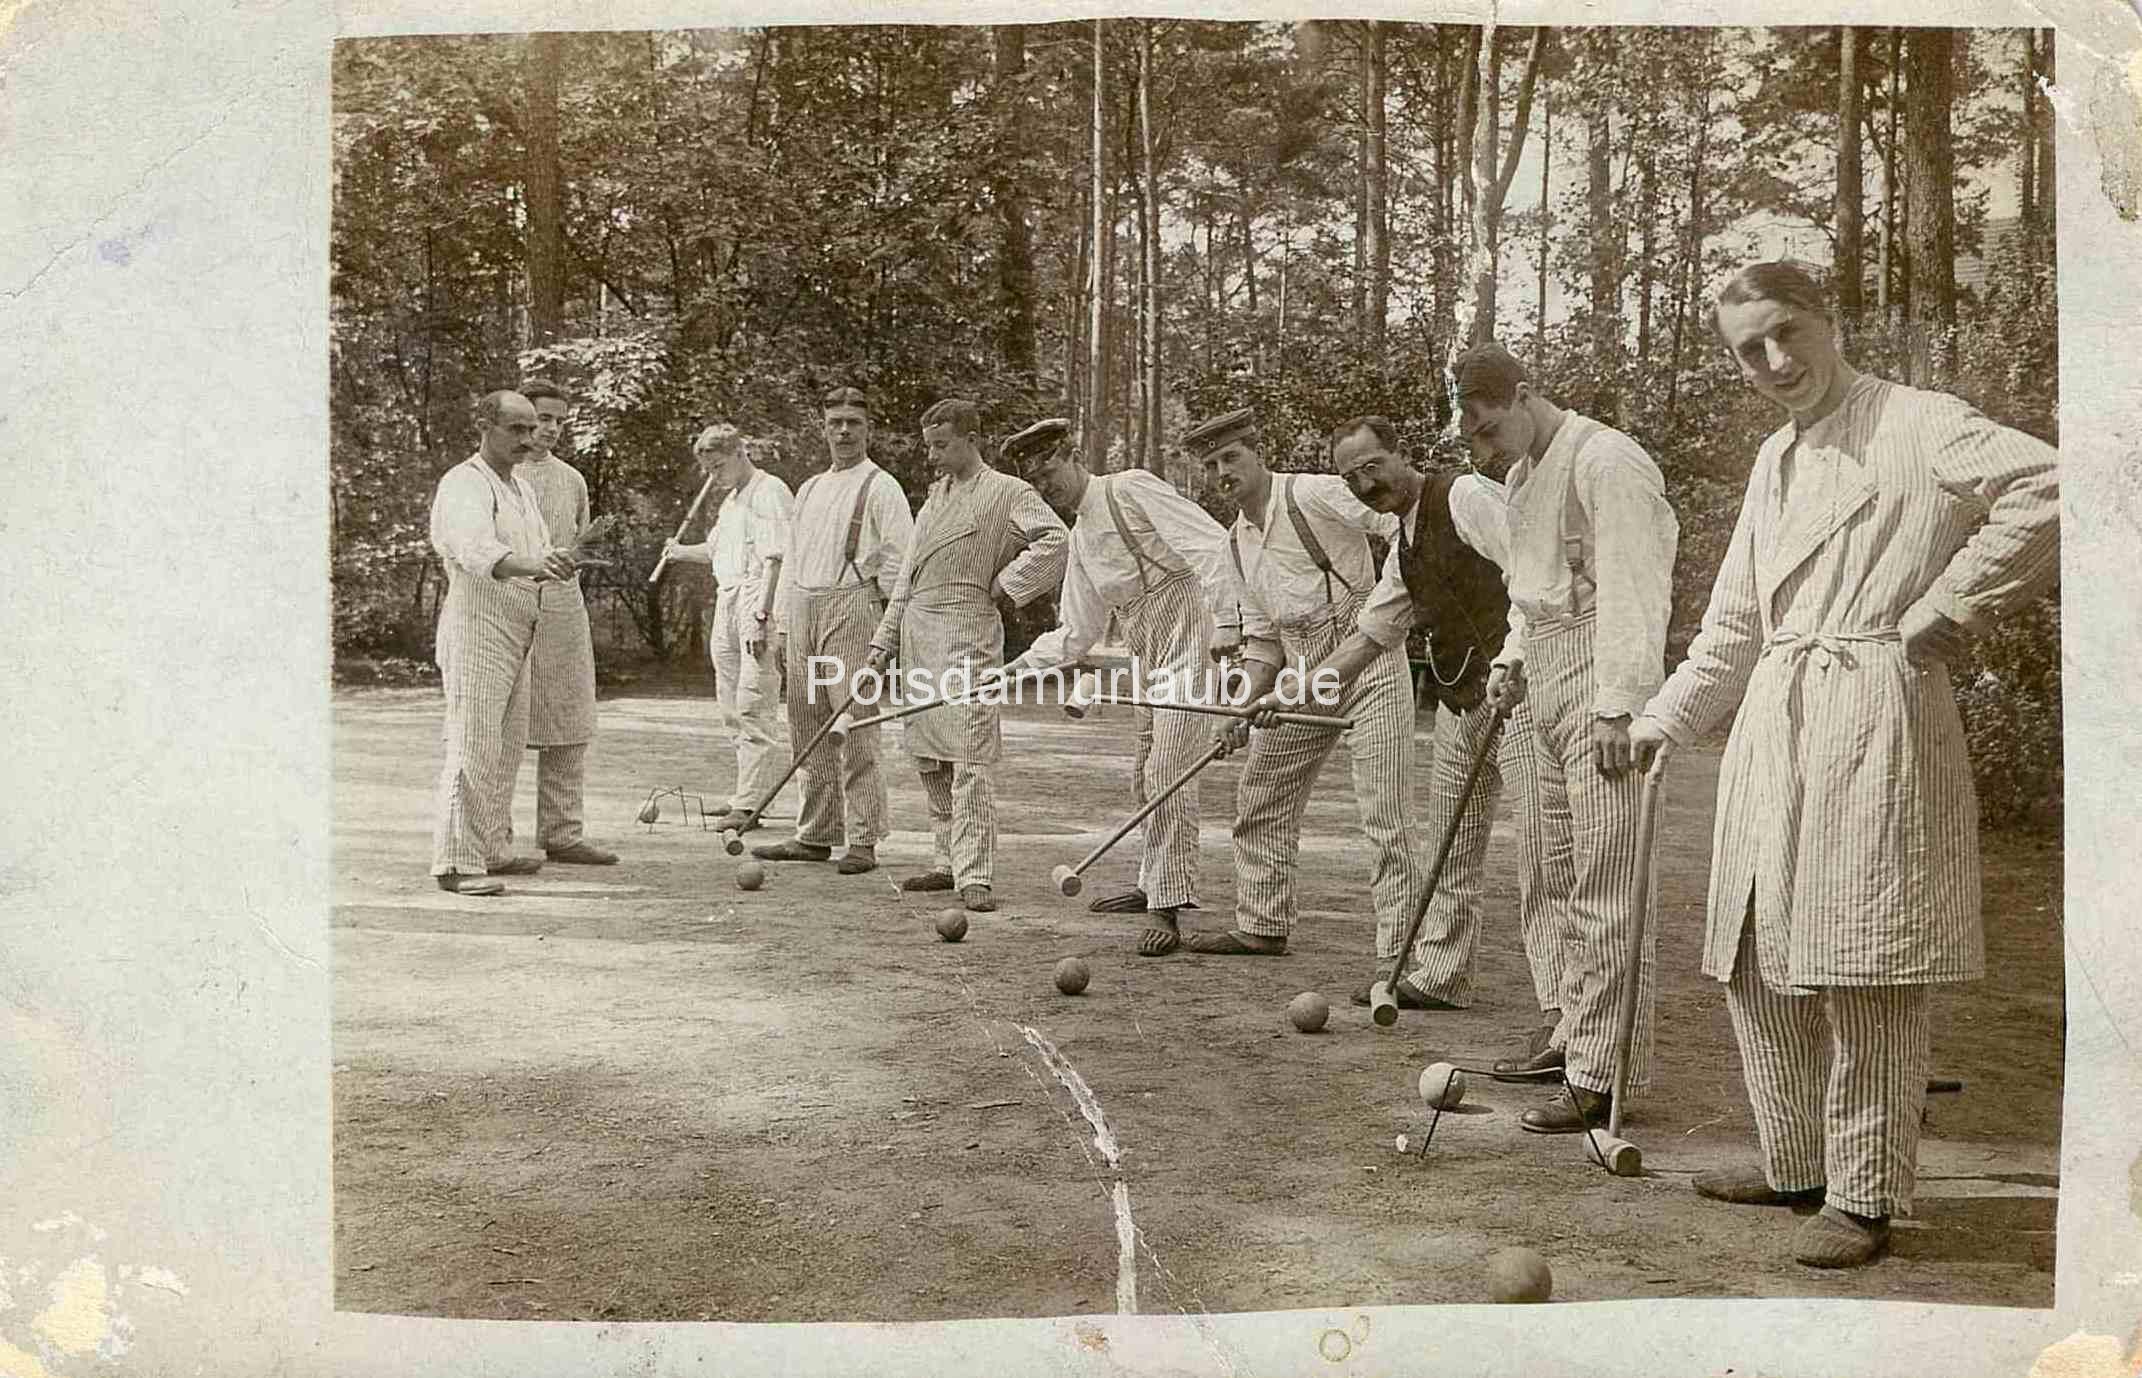 1916 Cricket